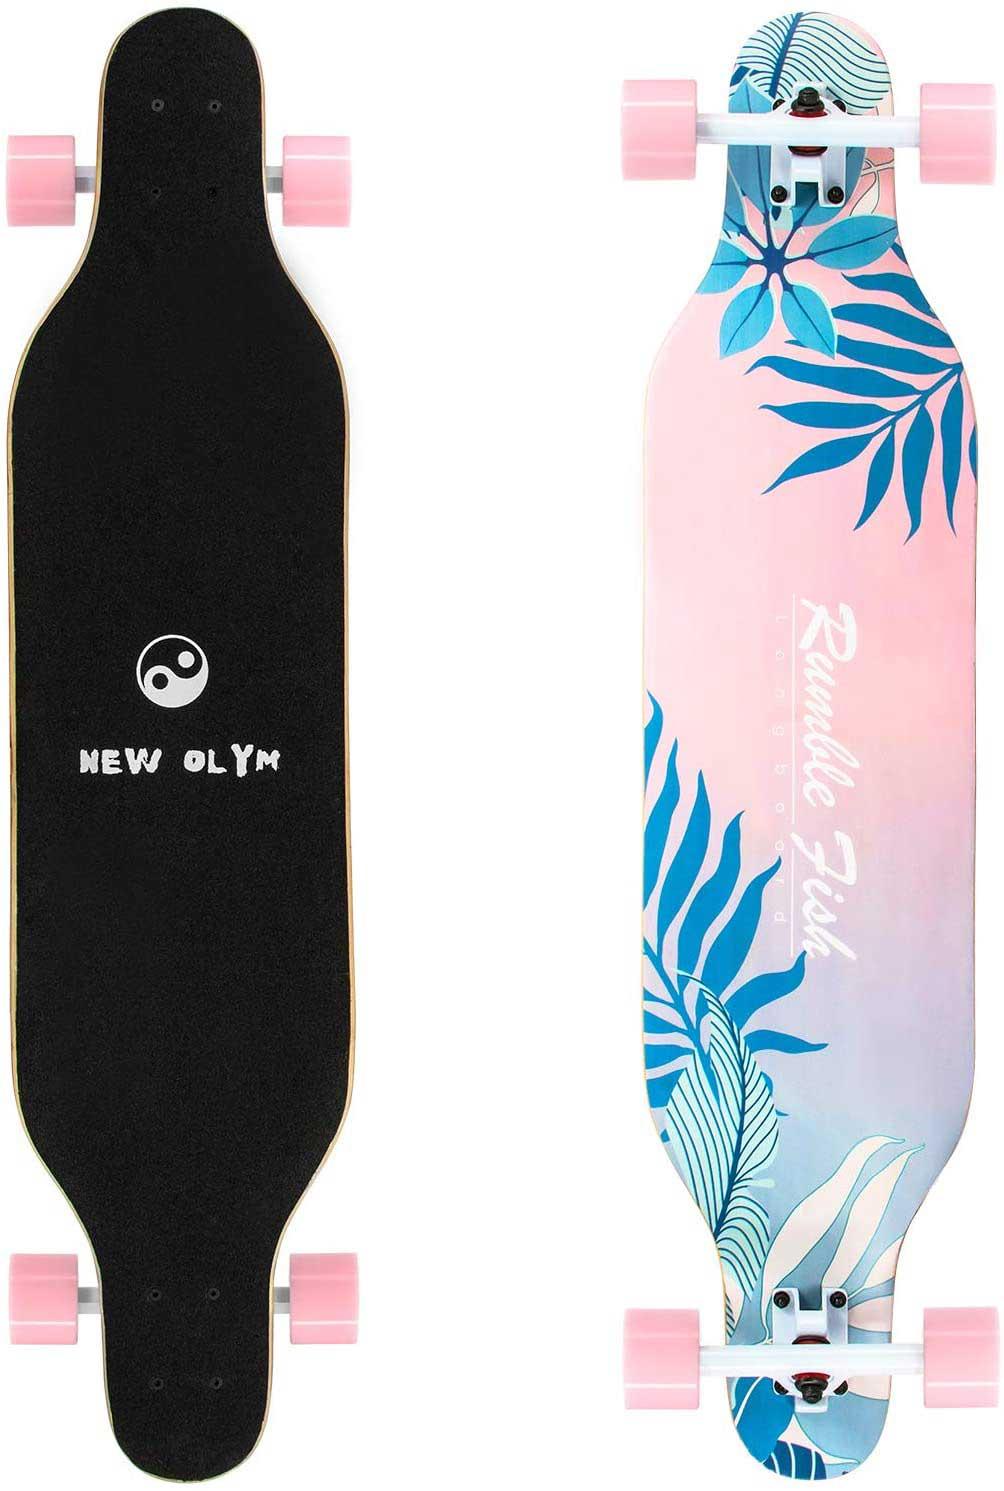 4.-New-Olym-Longboard-Skateboard